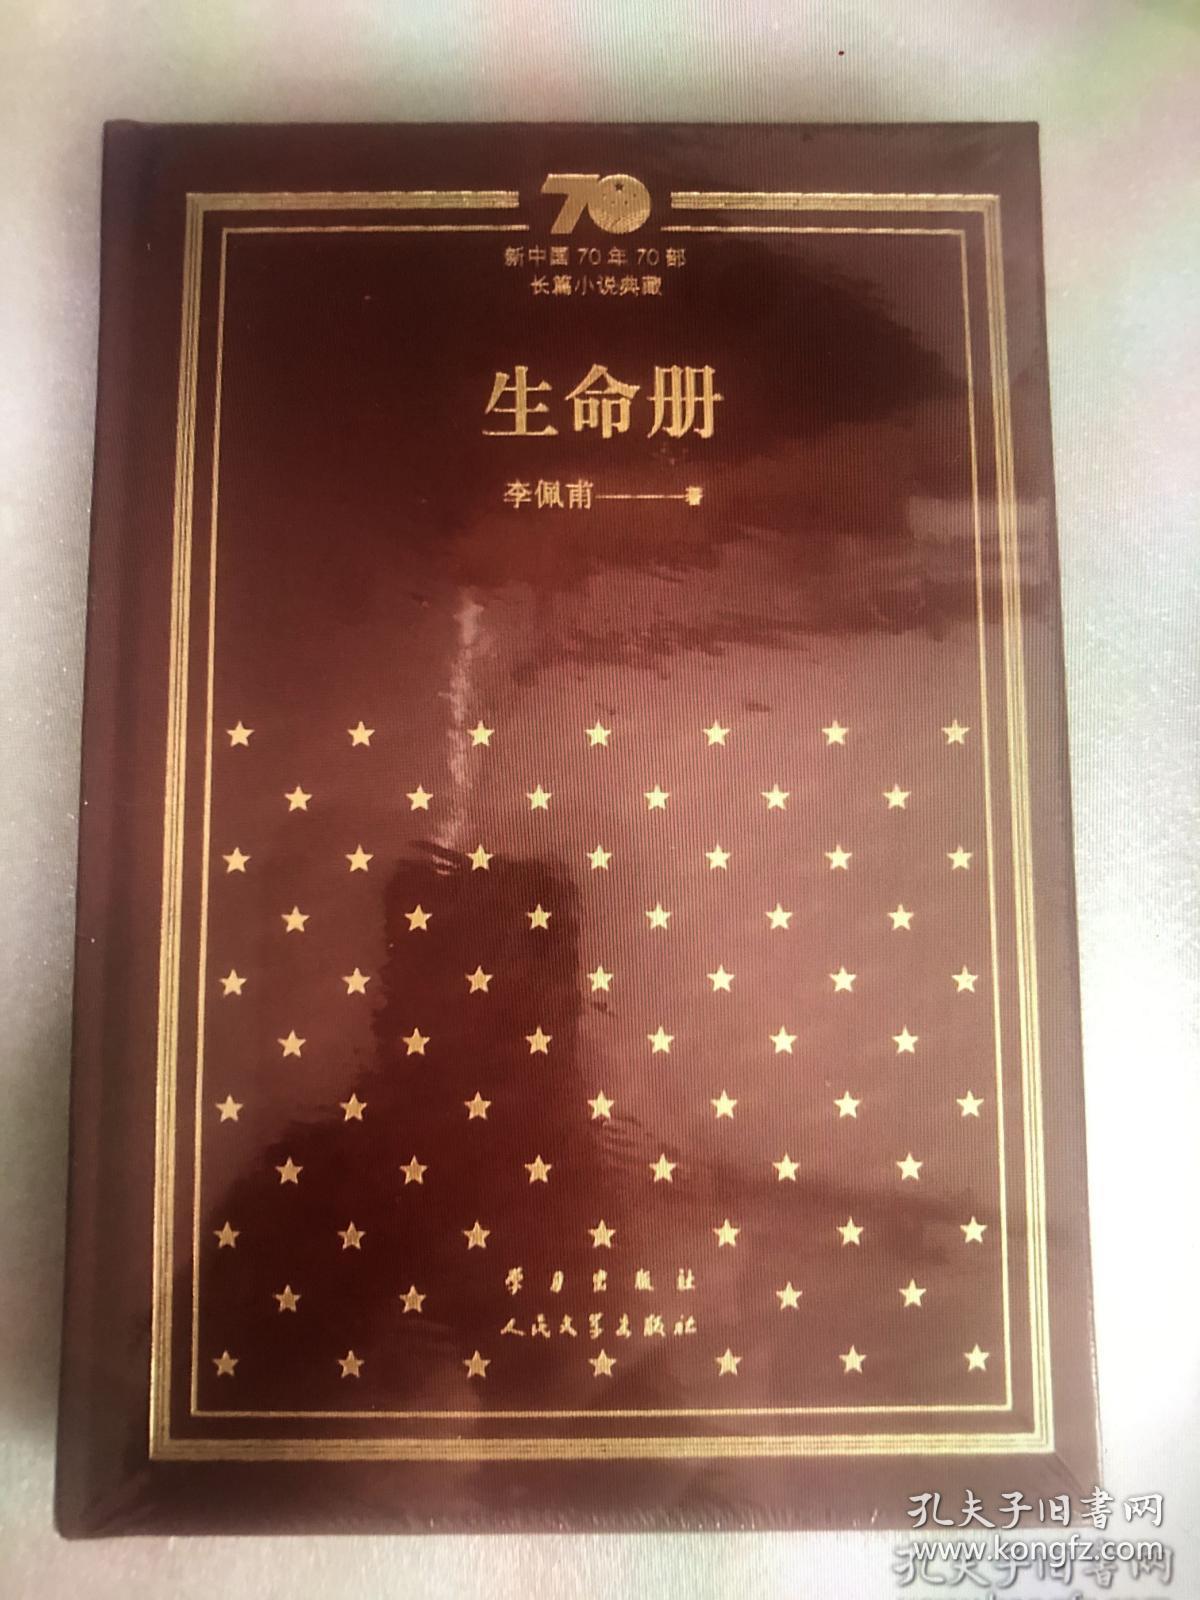 新中国70年70部长篇小说典藏系列之李佩甫《生命册》,精装,一版一印!